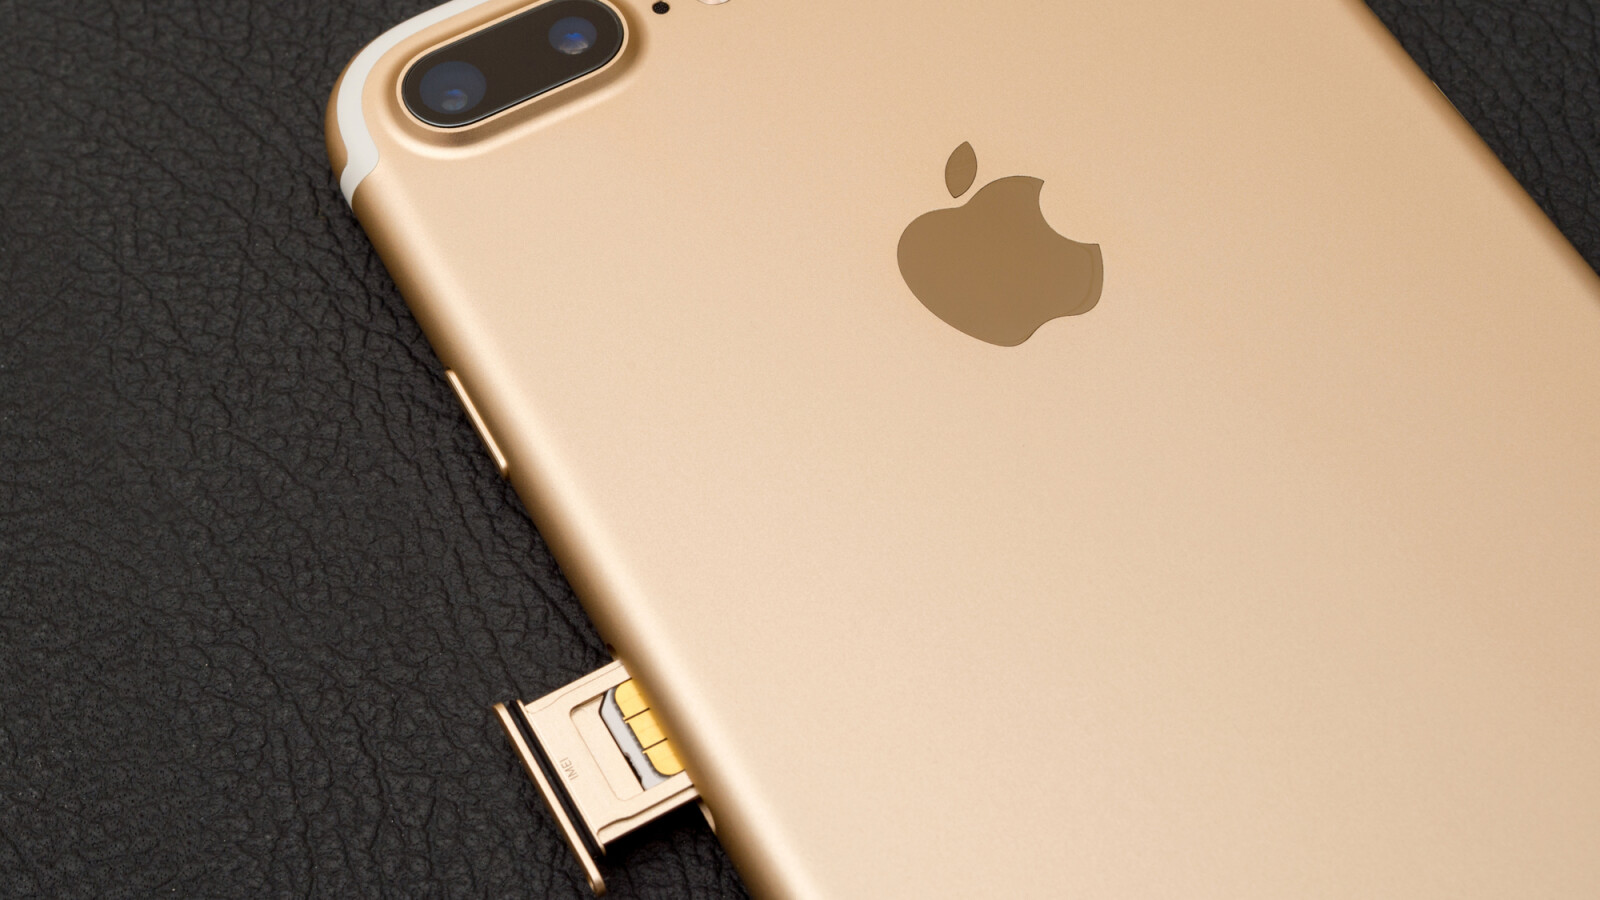 Iphone Sim Karte.Iphone 7 Plus Sim Karte Einlegen Welches Format Brauche Ich